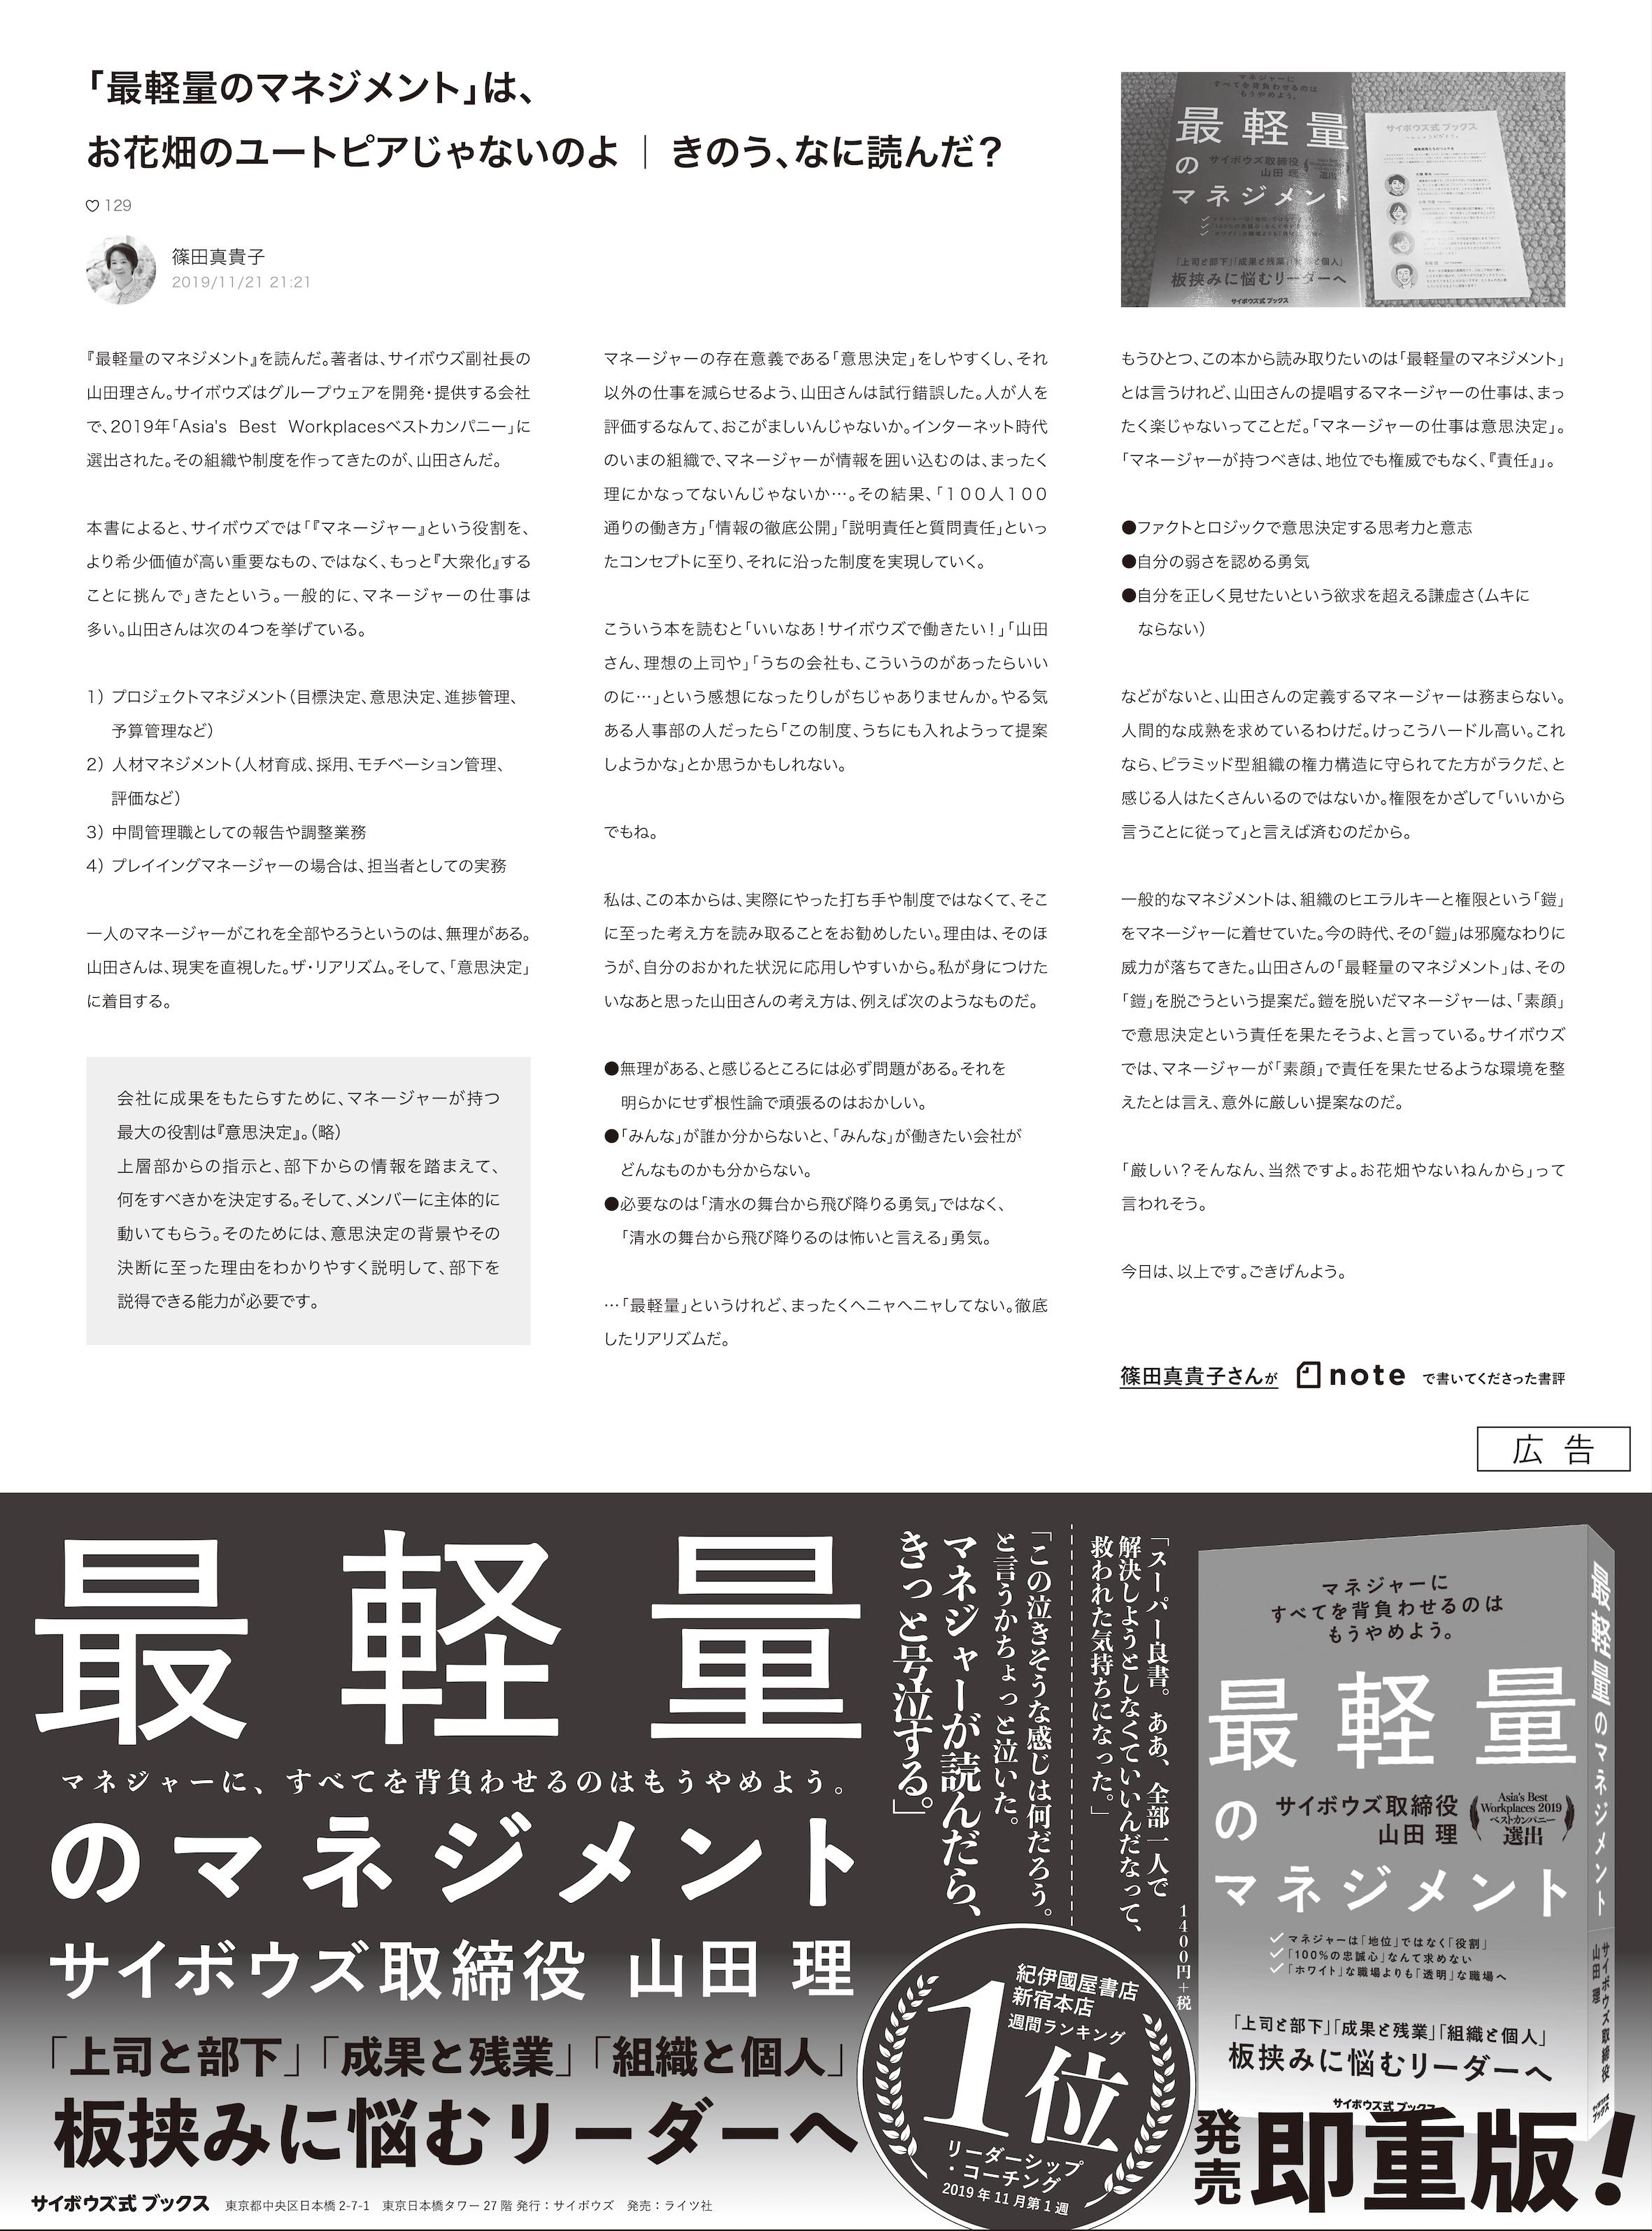 風評対策 株式会社ニャースnya-s